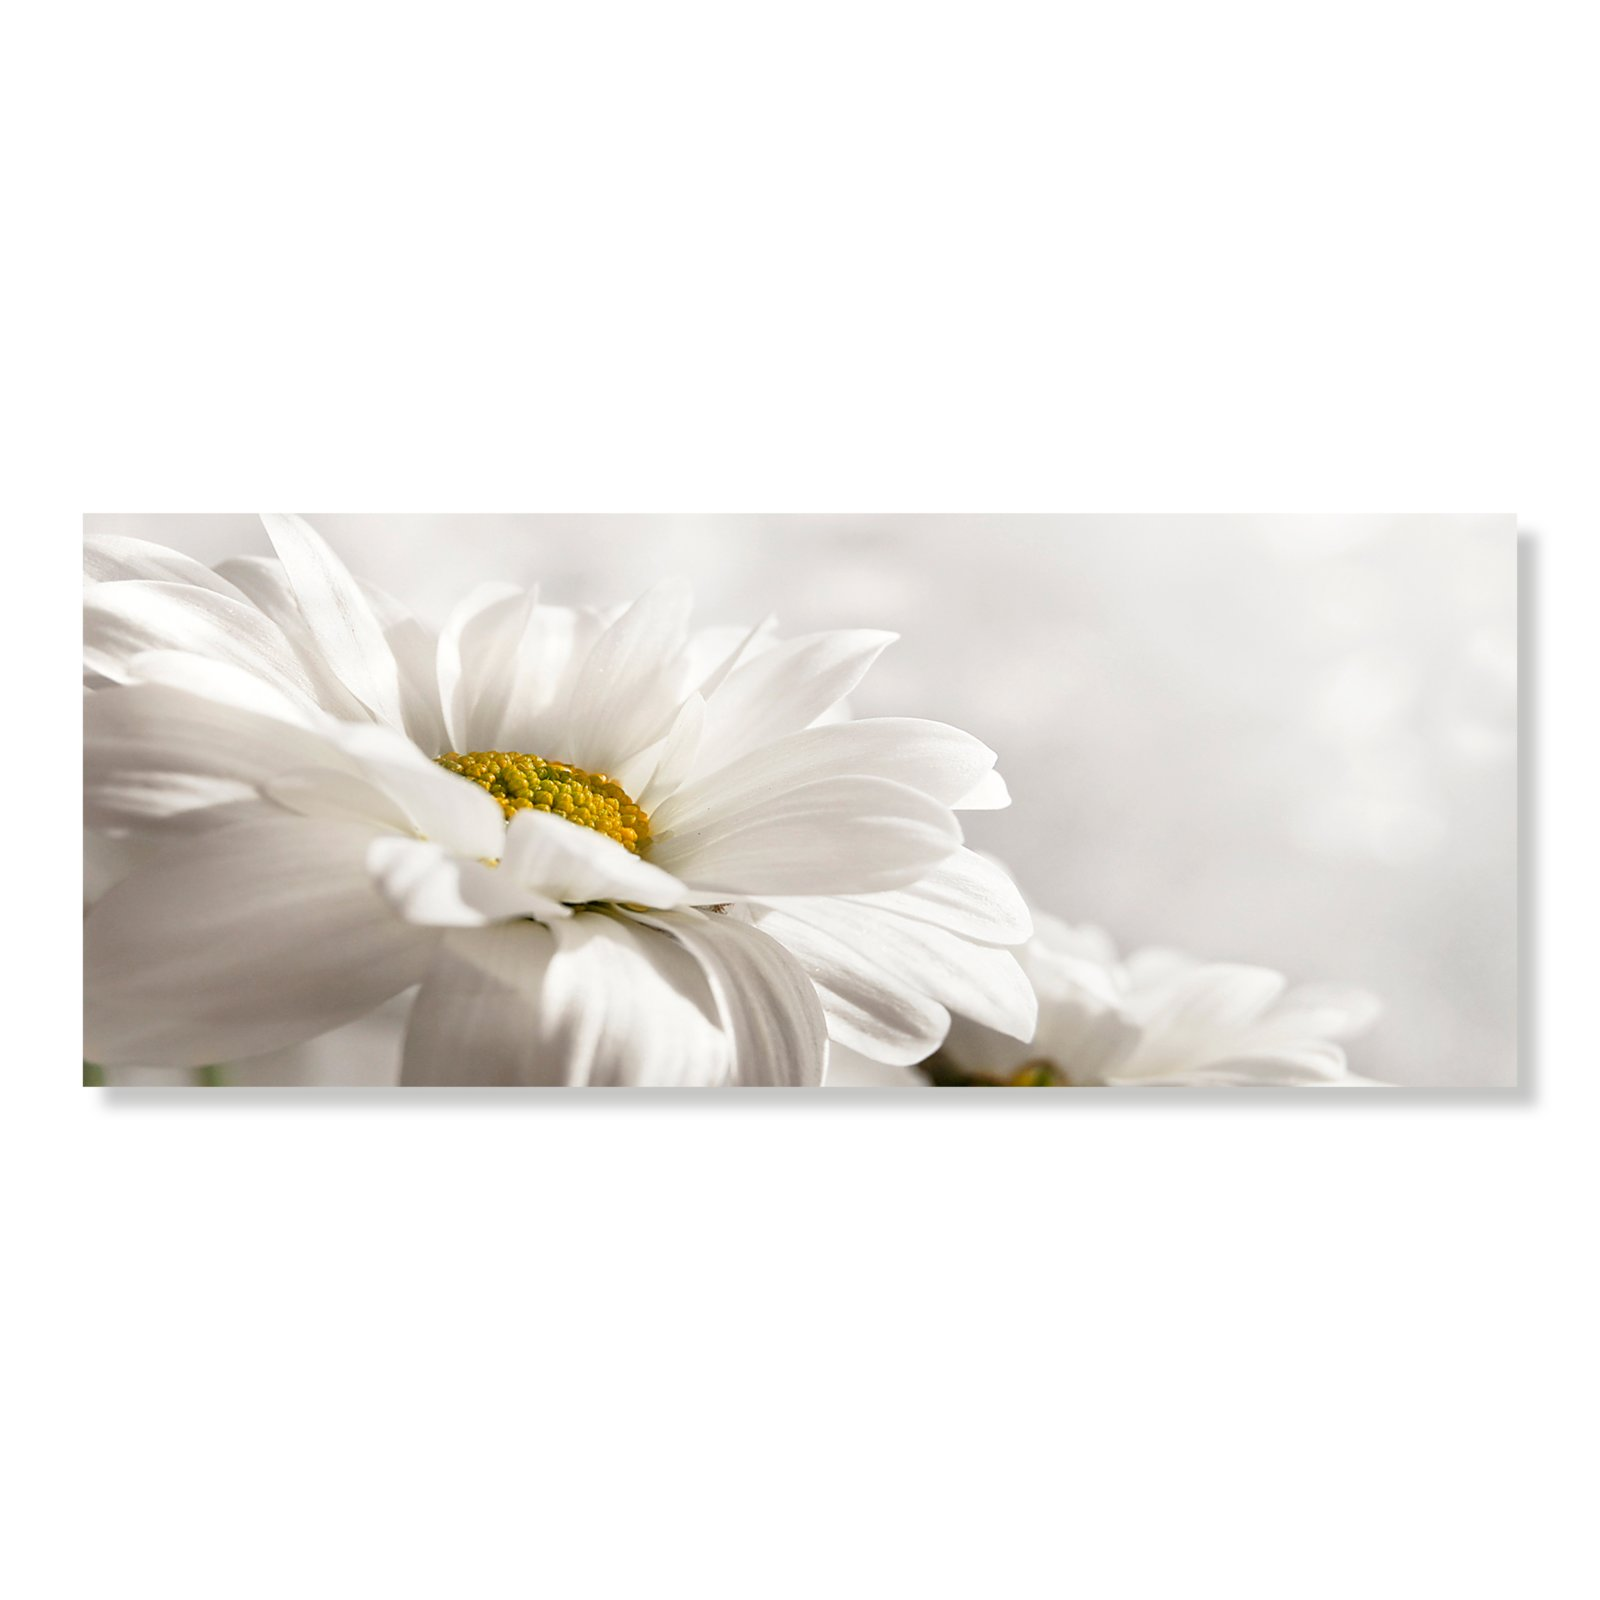 Acrylbild glasbild blume bilder gem lde deko for Acrylbilder wohnzimmer